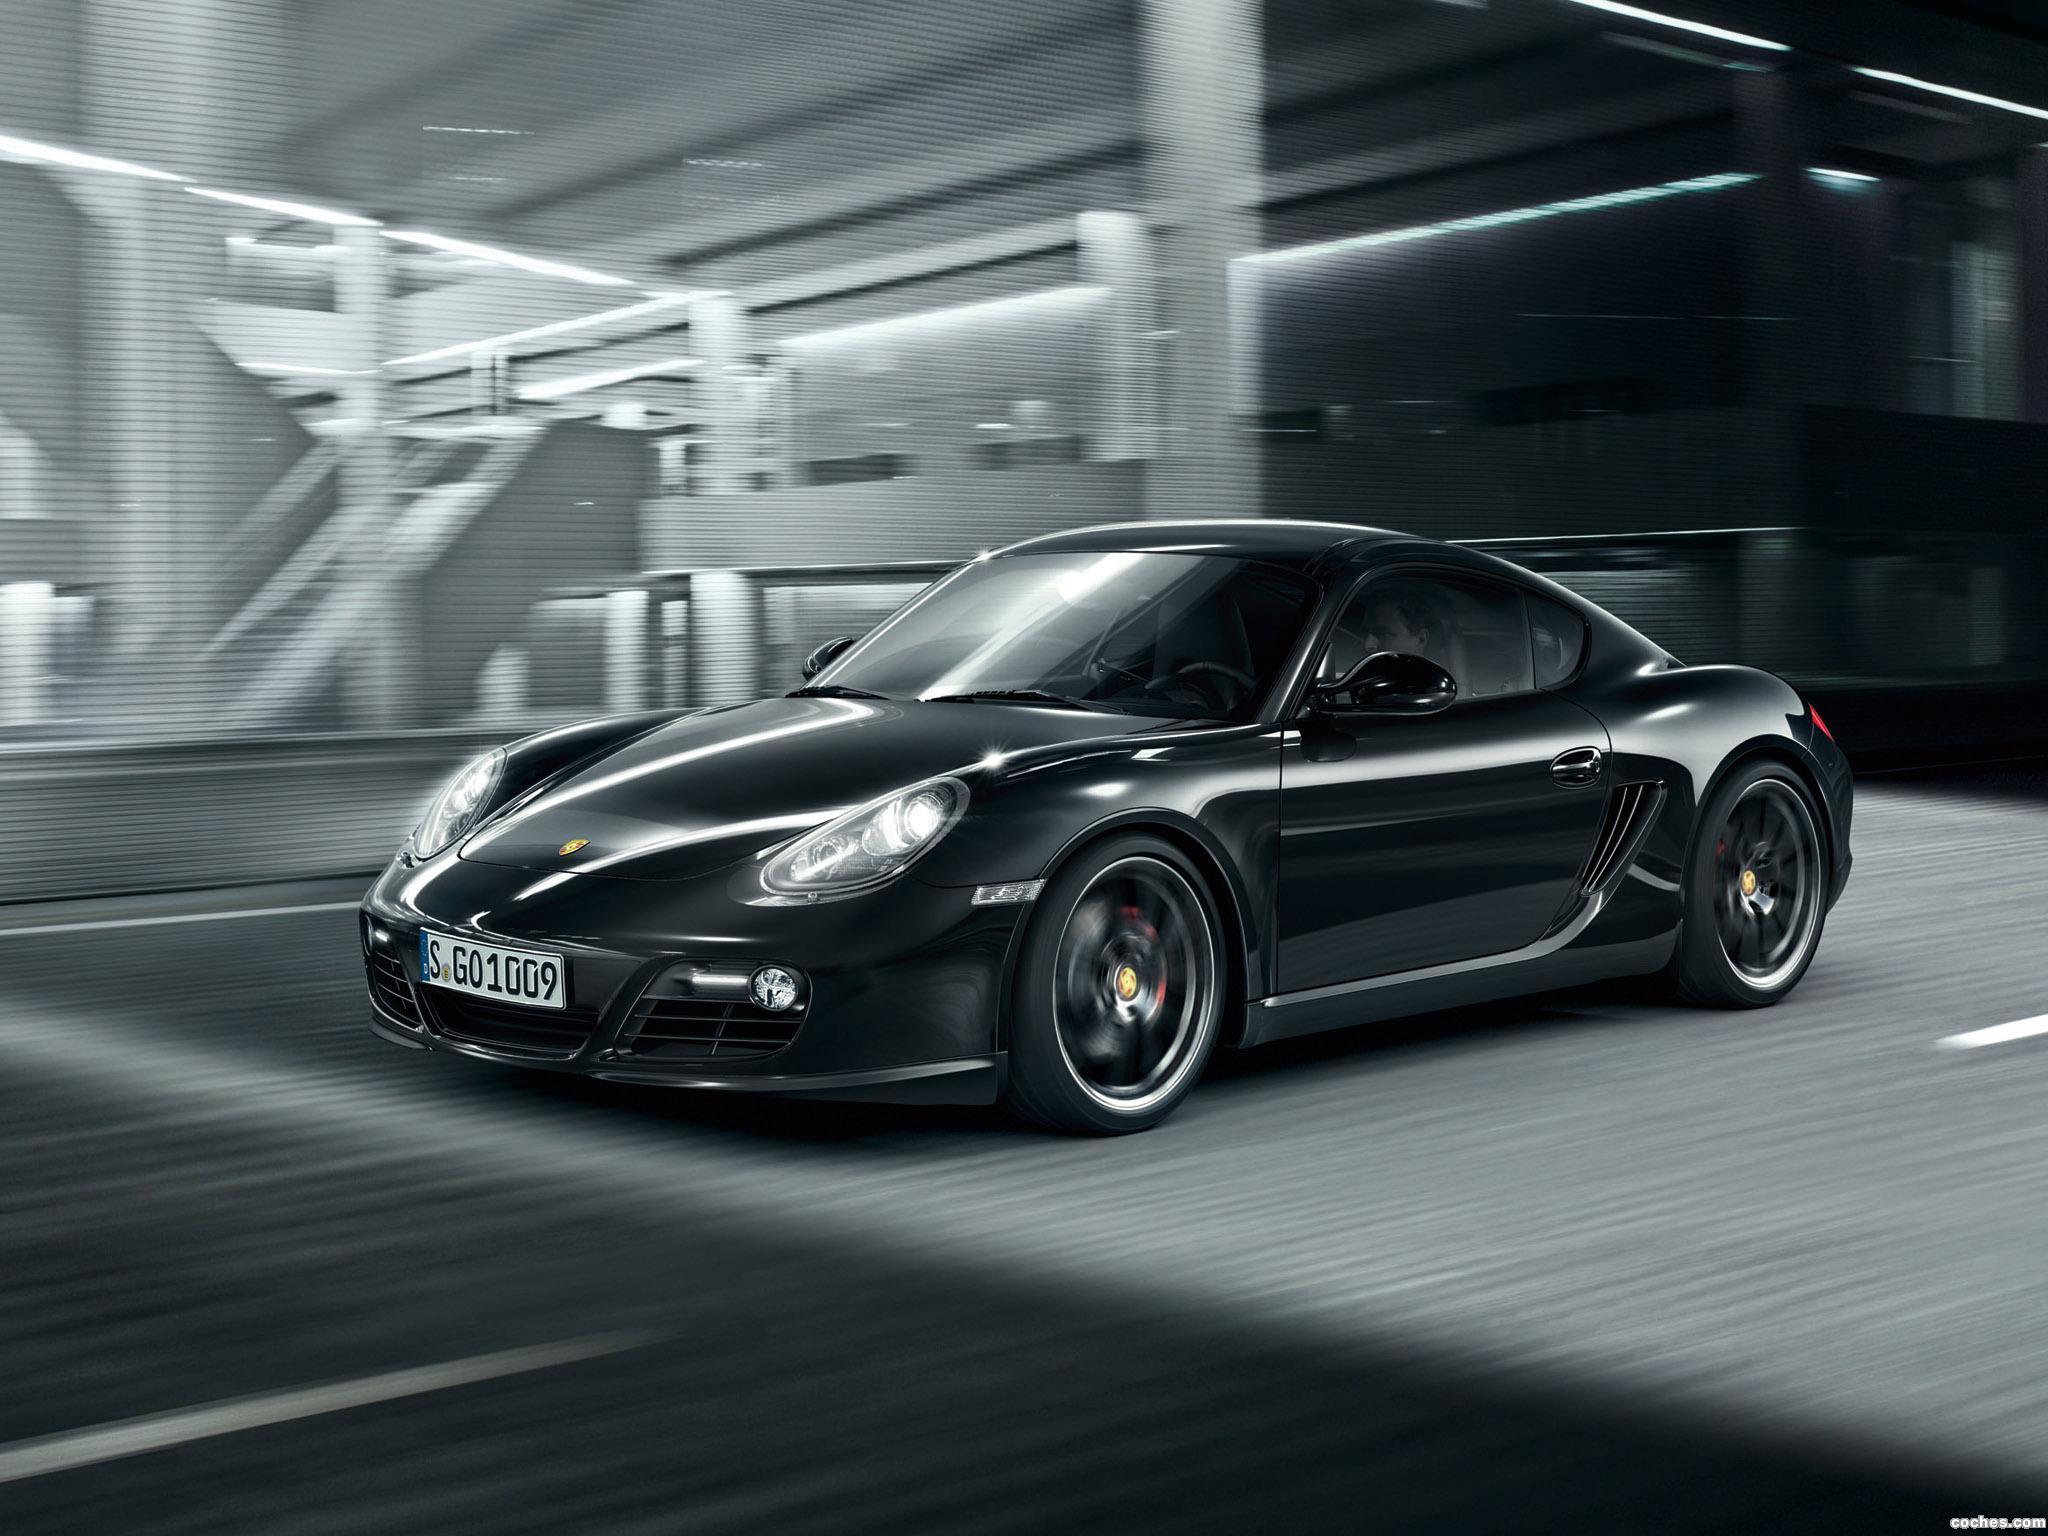 Foto 0 de Porsche Cayman S Black Edition 987C 2011